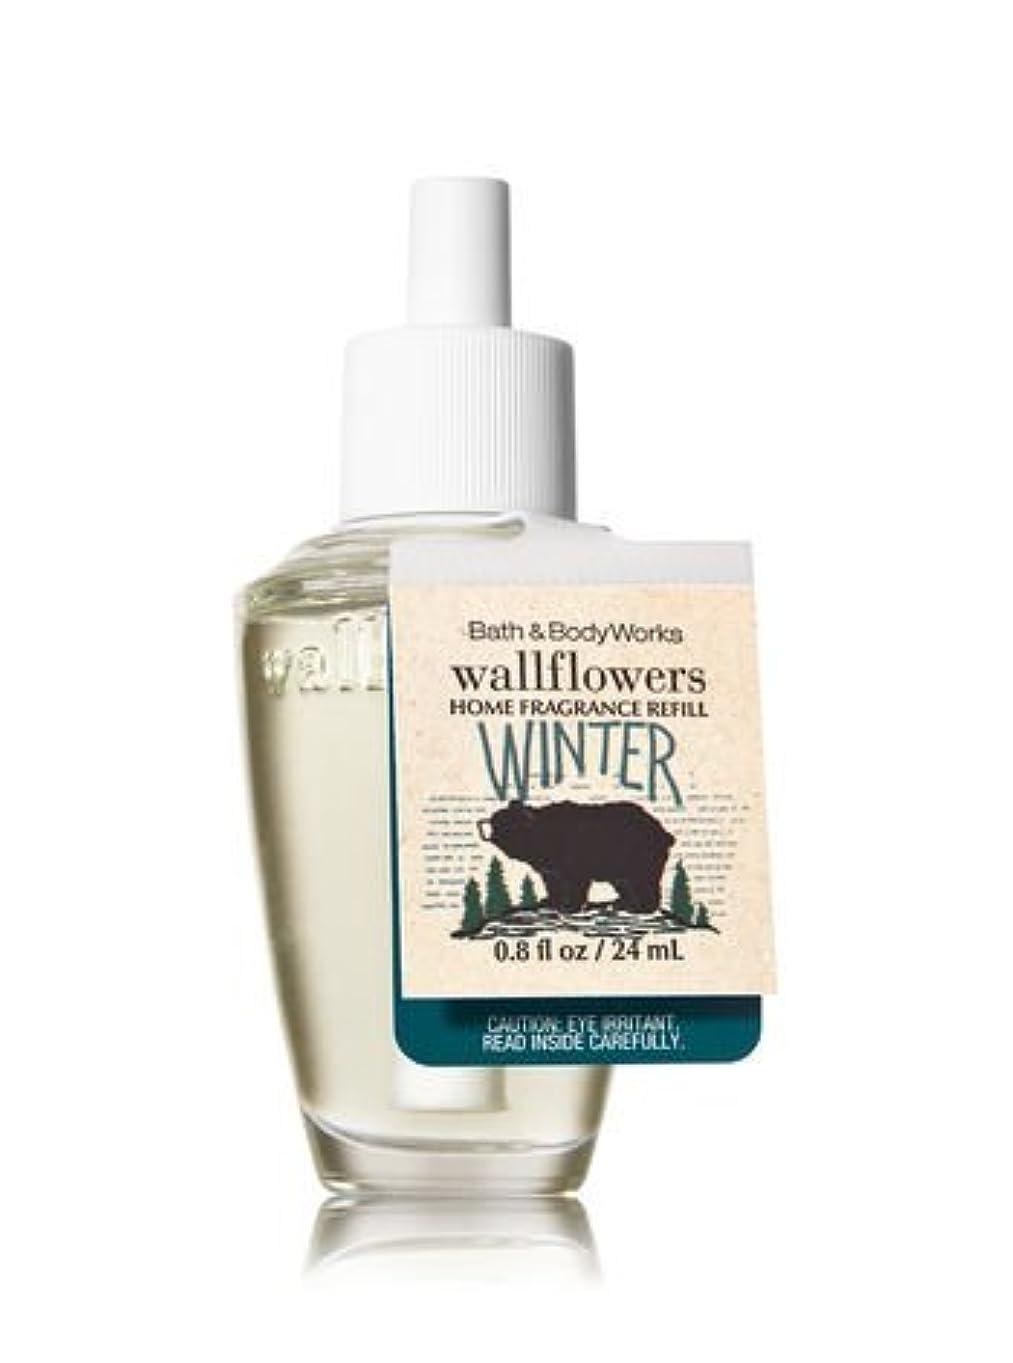 チャンバー公平キャプテンブライ【Bath&Body Works/バス&ボディワークス】 ルームフレグランス 詰替えリフィル ウィンター Wallflowers Home Fragrance Refill Winter [並行輸入品]